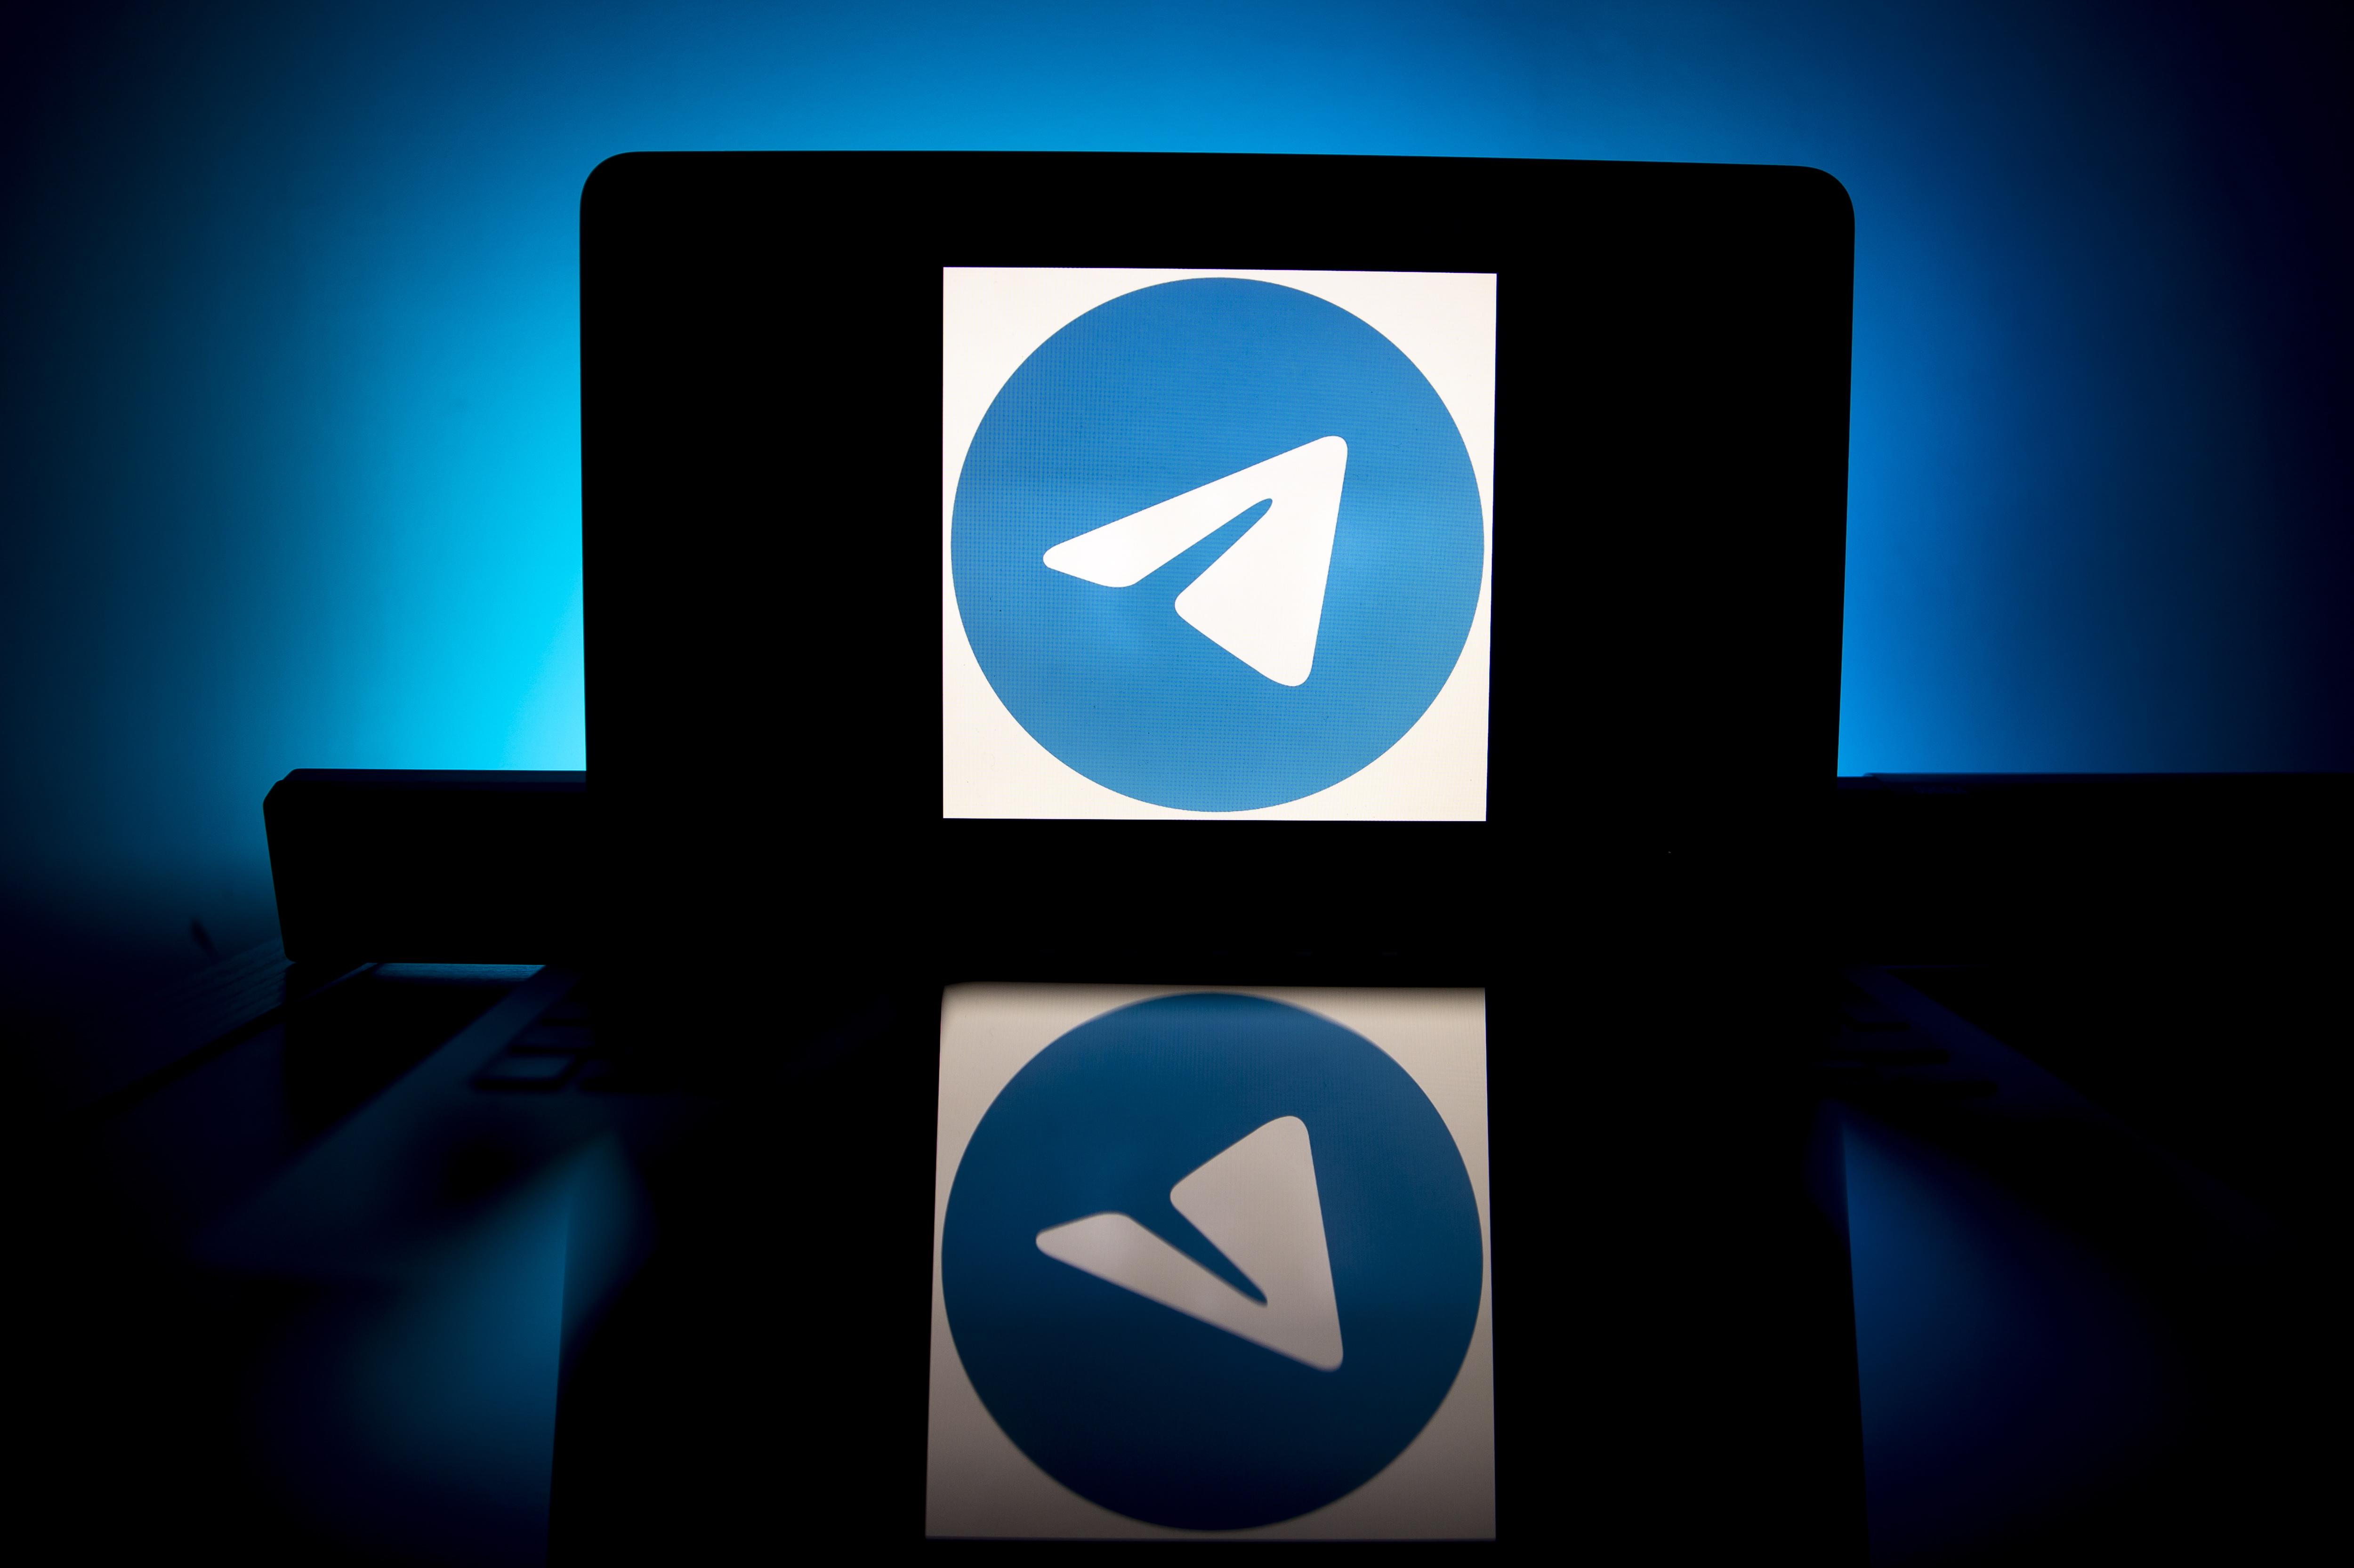 Украинский суд постановил заблокировать ряд телеграм-каналов